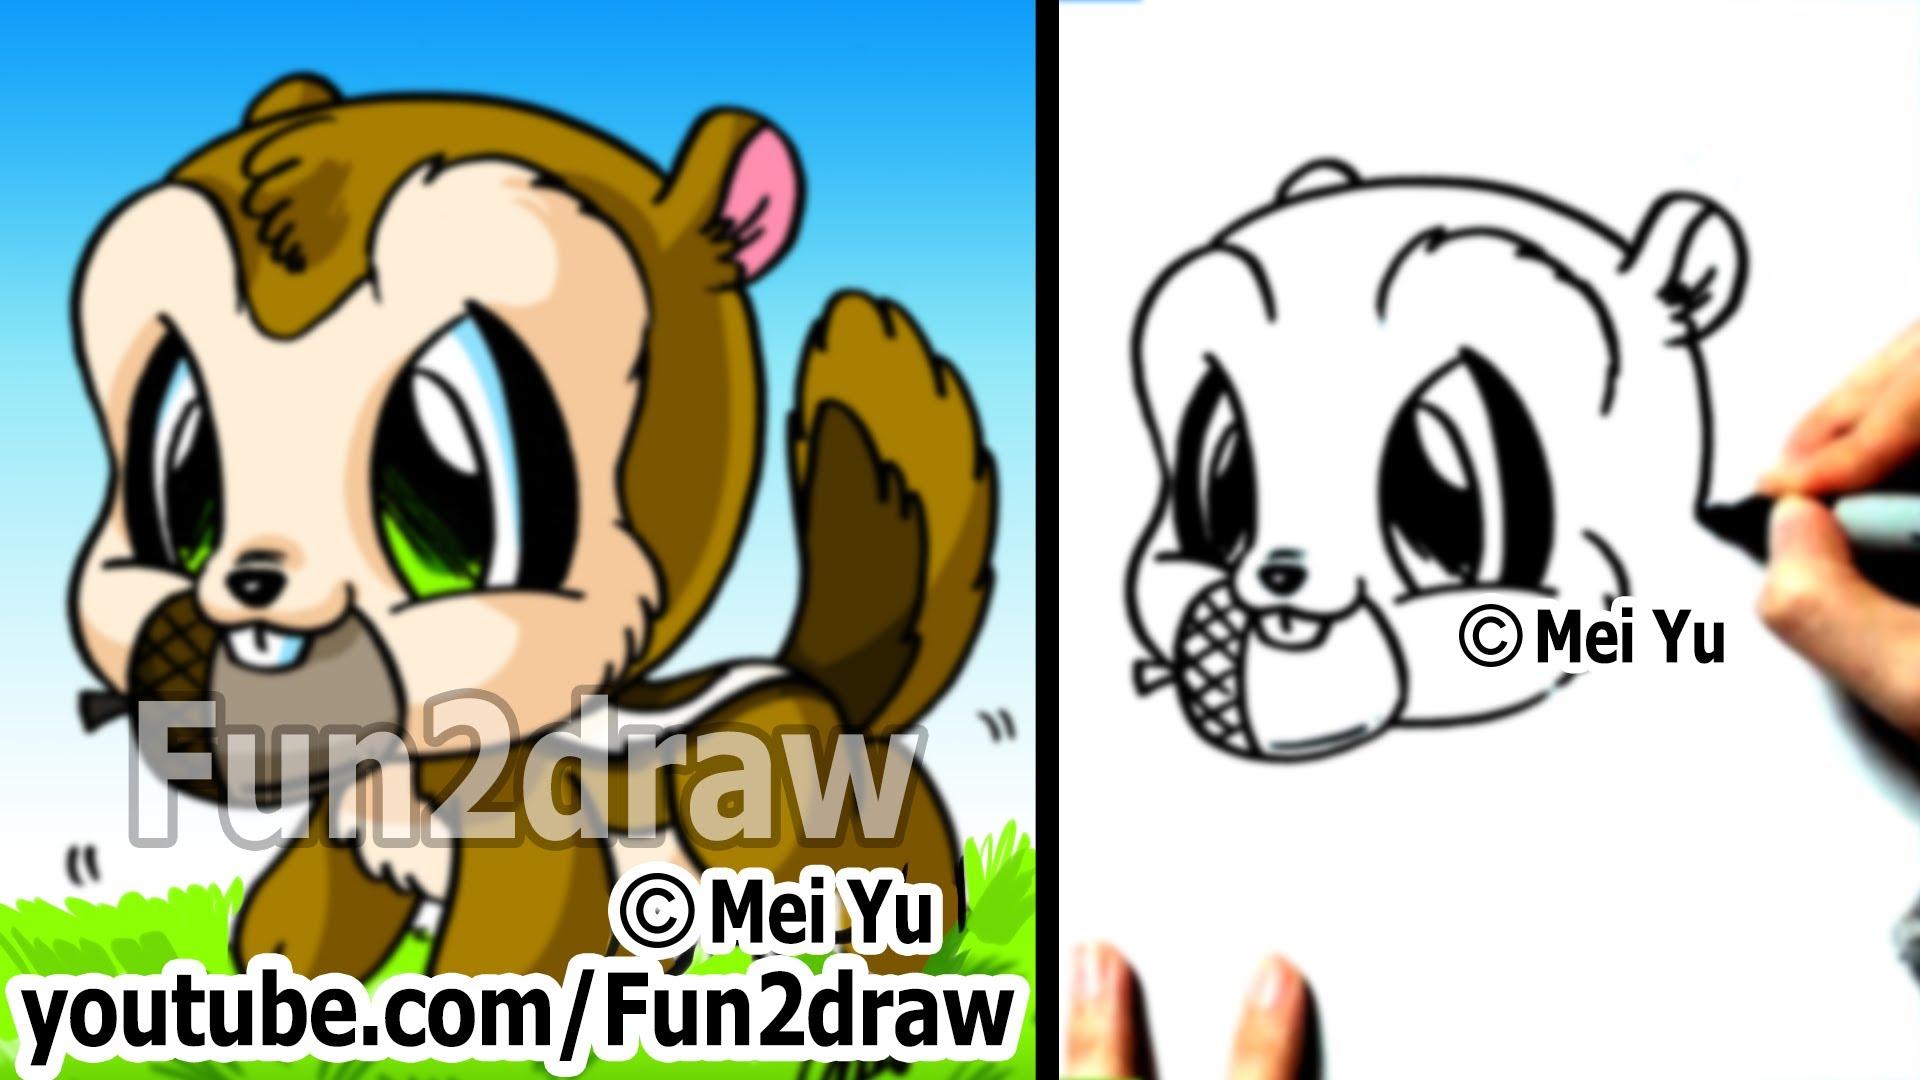 Drawn squirrel hand drawn Chipmunk Fun2draw Chipmunk How Step